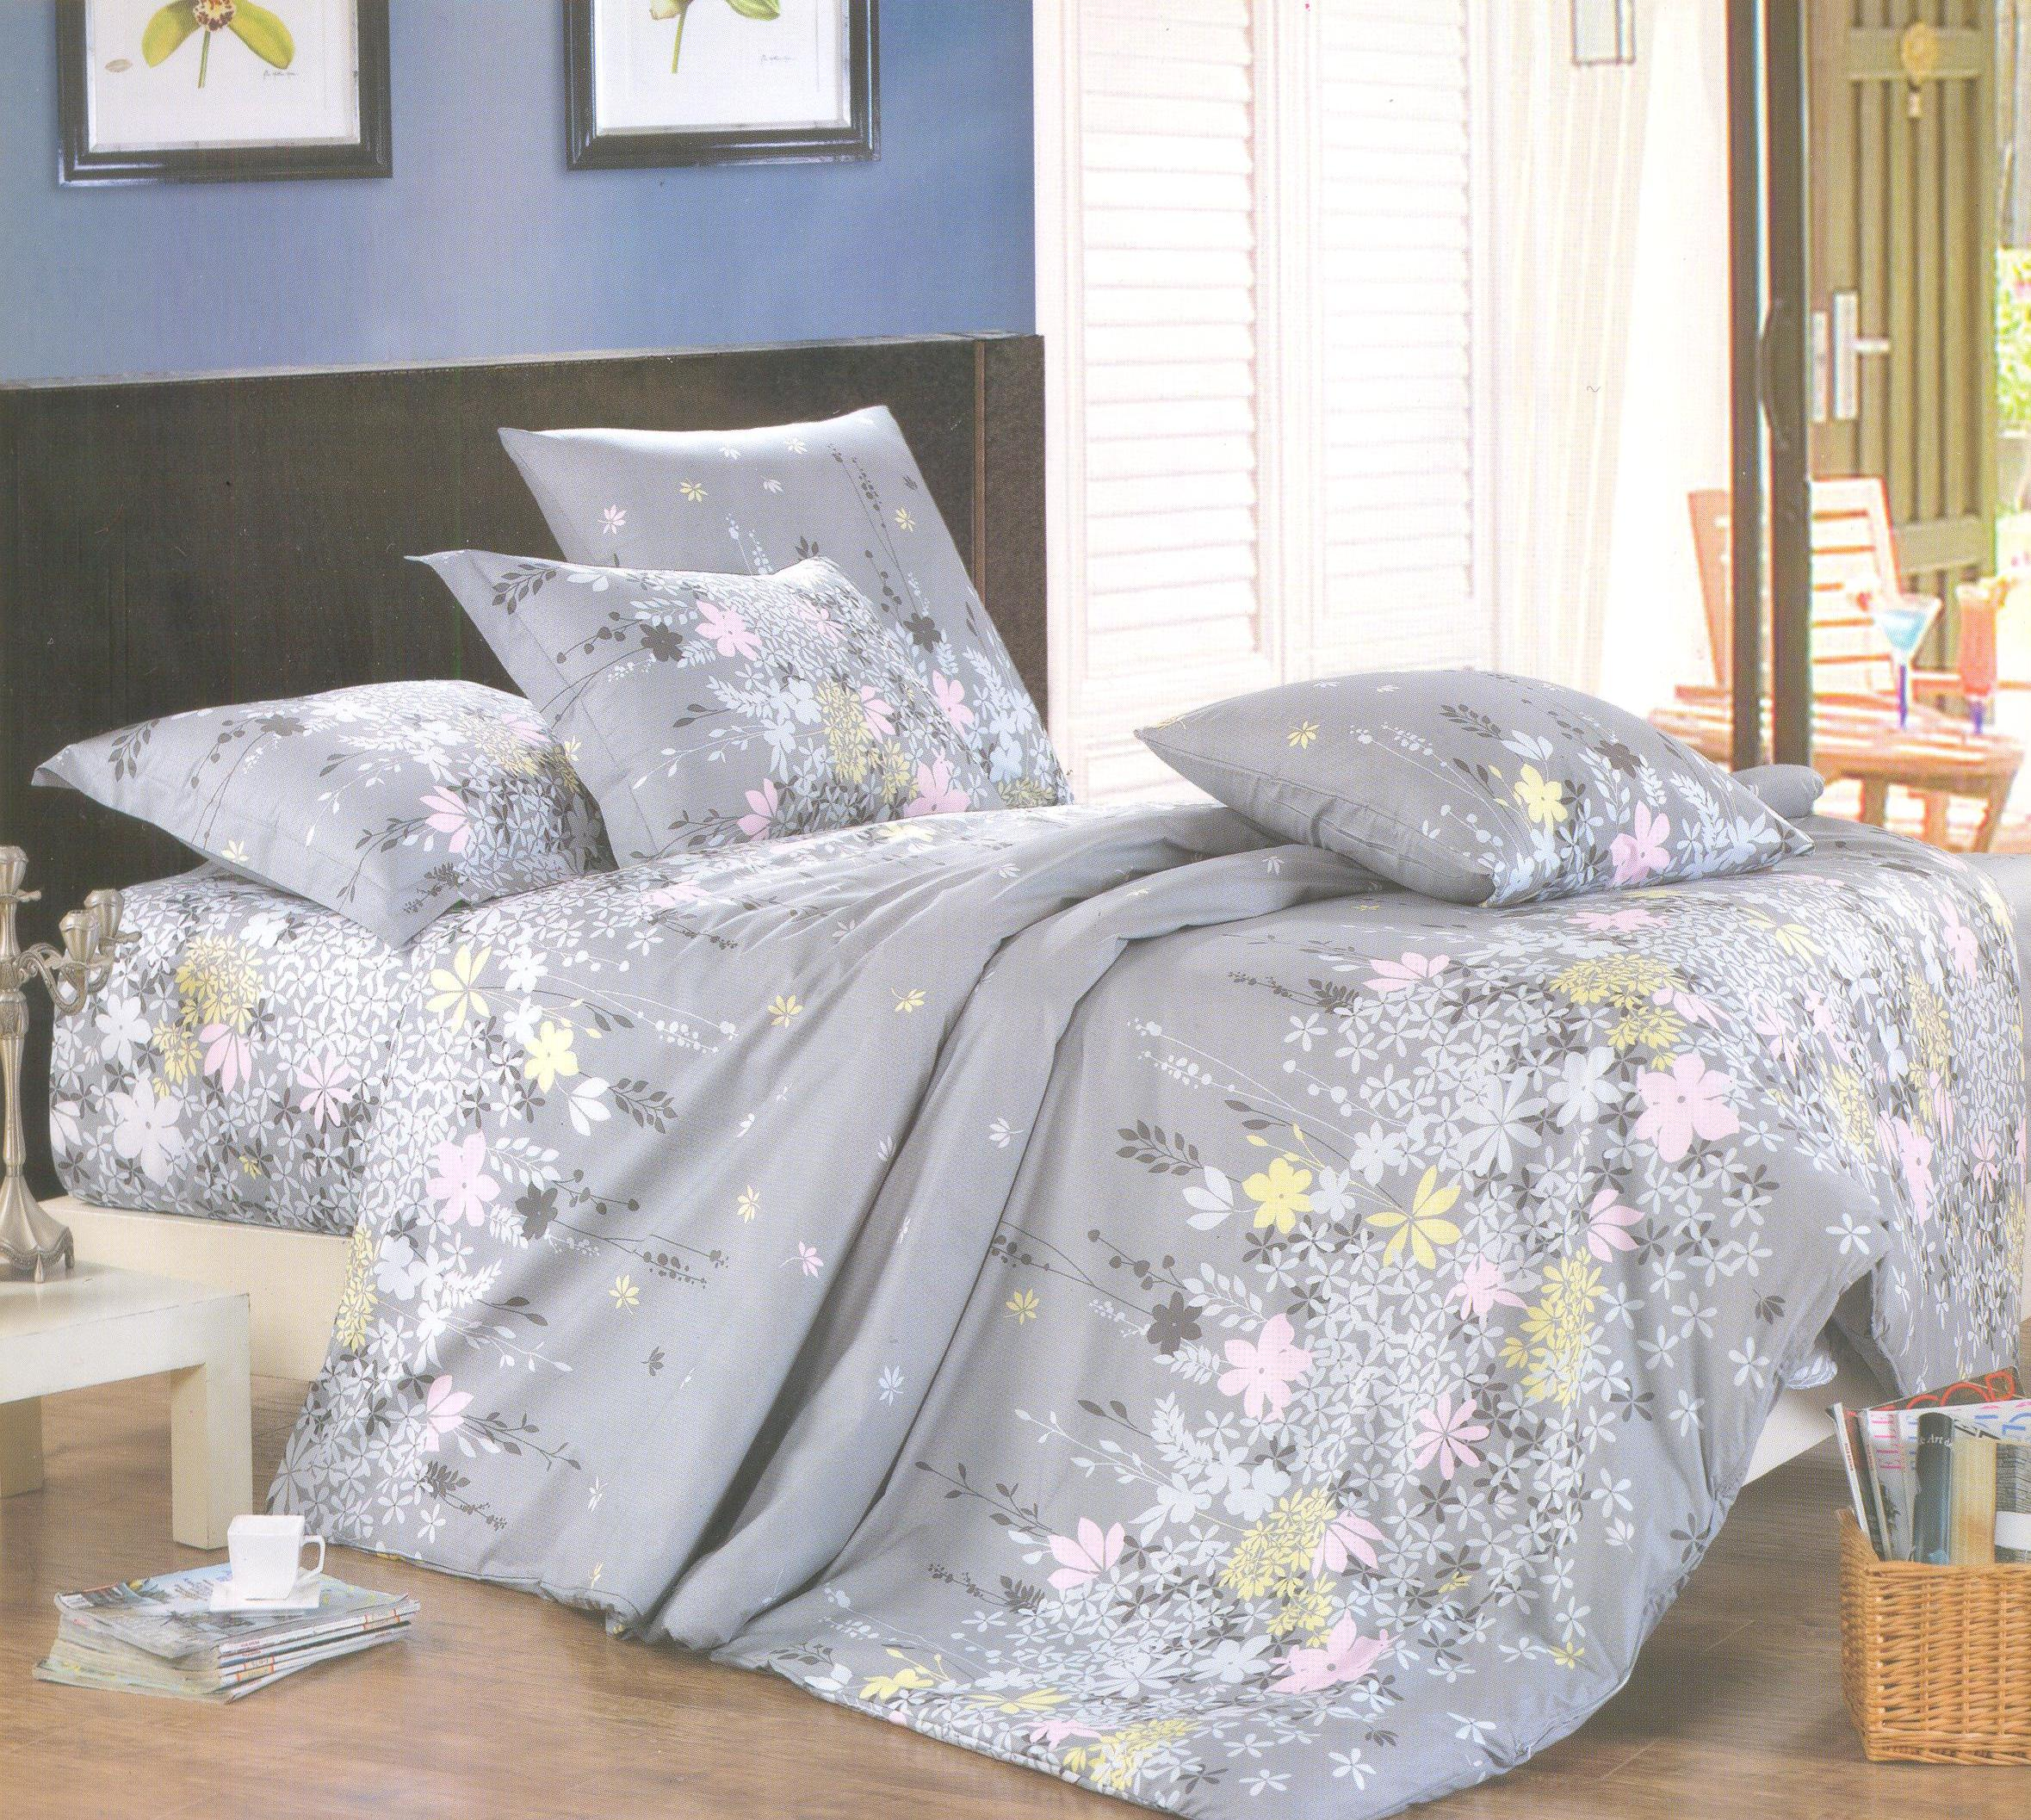 Купить Комплекты постельного белья СайлиД, Постельное белье Kramfors А/s-148 (2 сп. евро), Китай, Серый, Сиреневый, Поплин